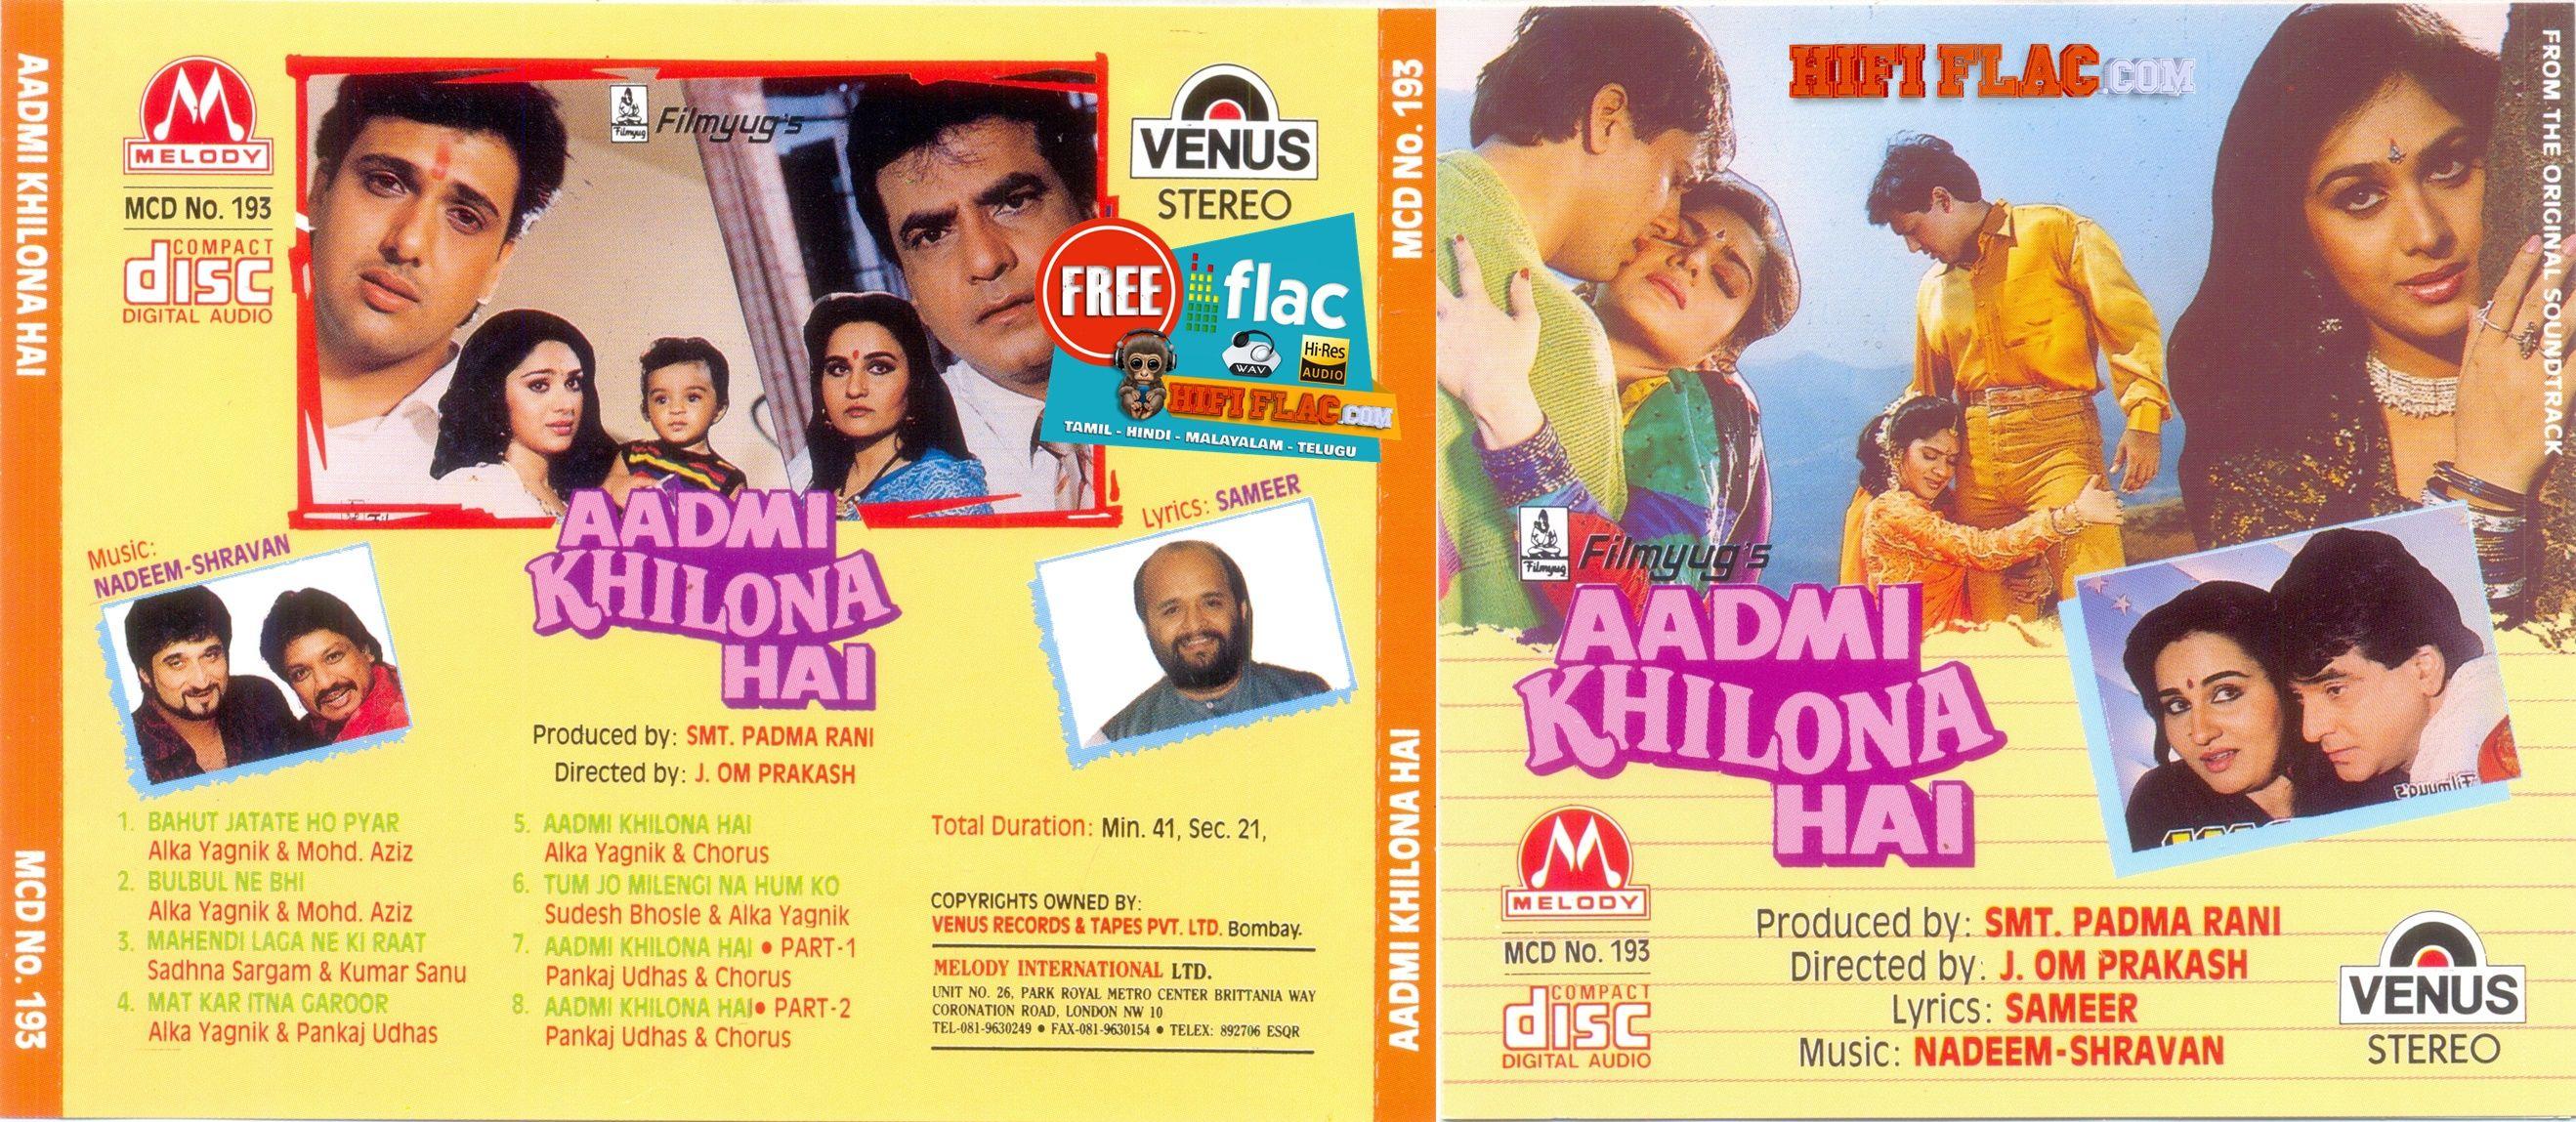 Aadmi Khilona Hai 1993 Hindi Acdrip Flac Hoeden